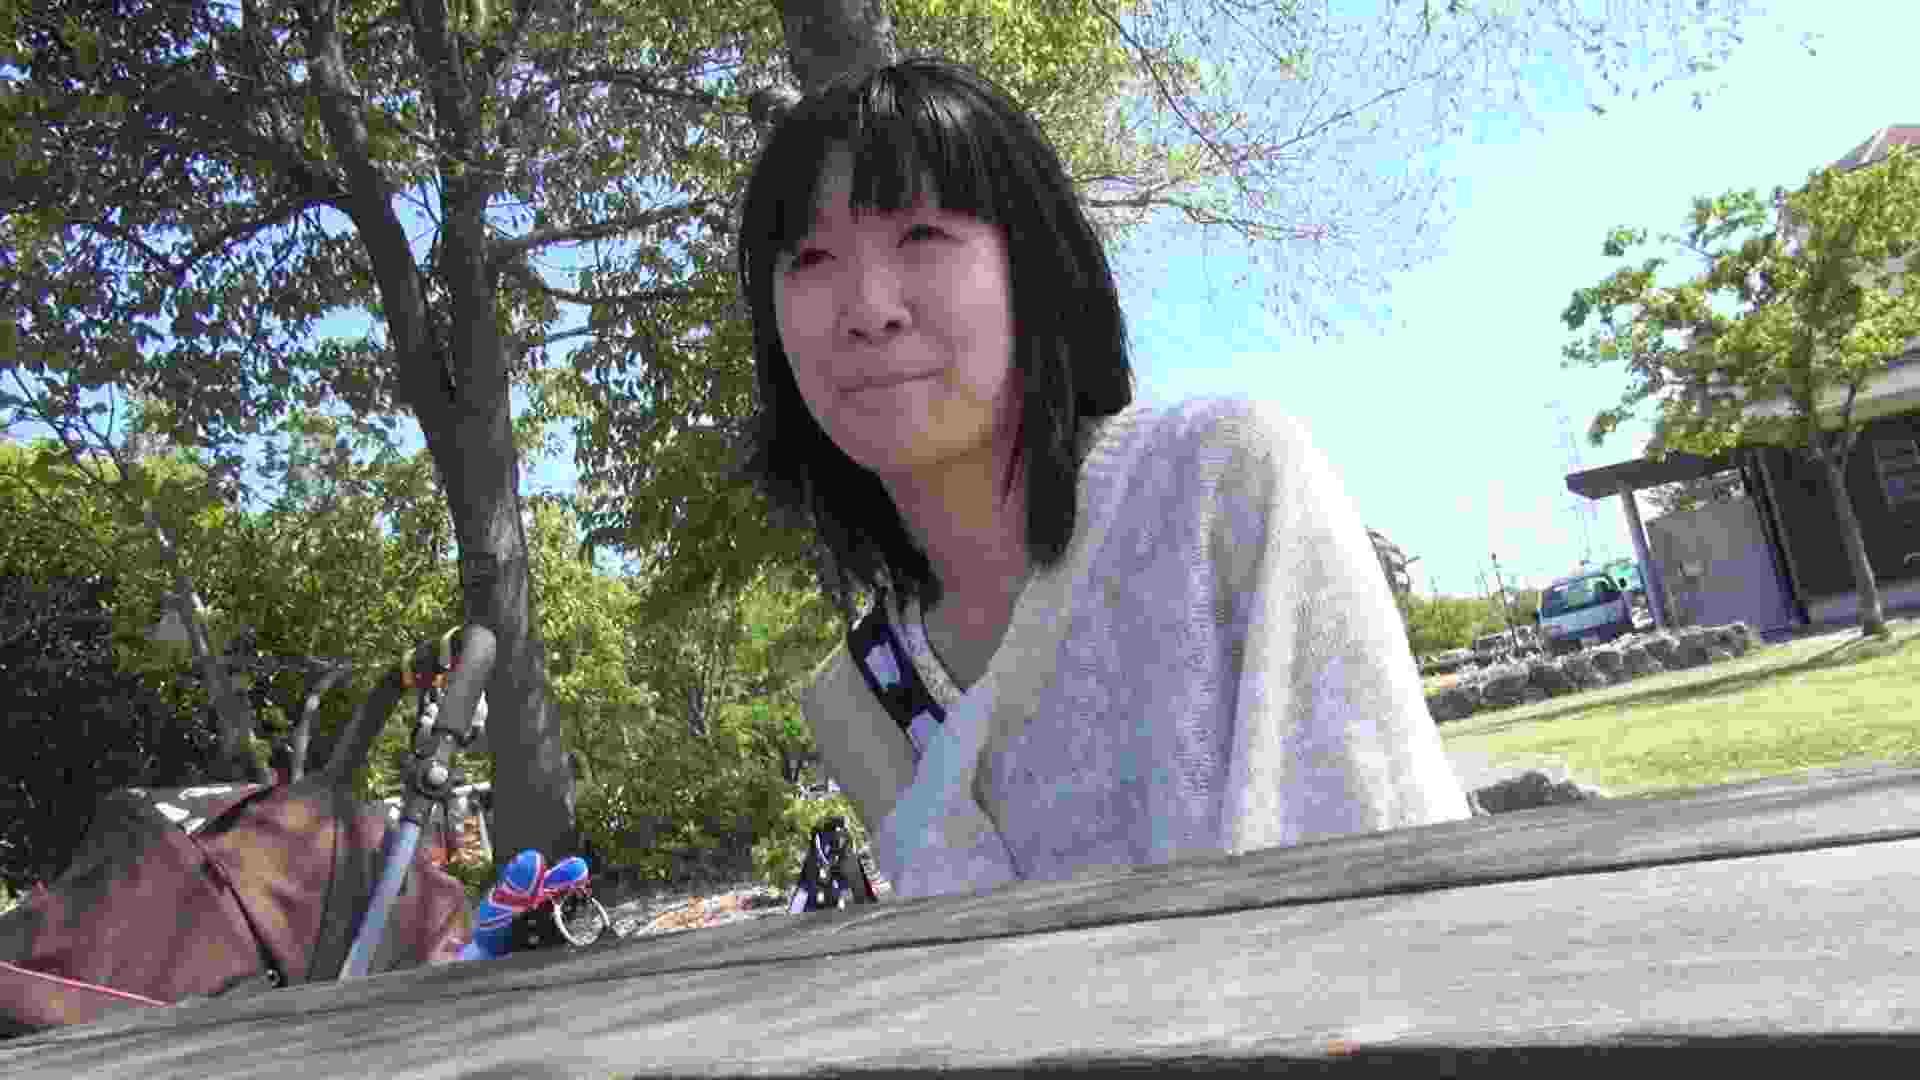 【母の時・01】インタビュー→とびっこ 覗き | 盗撮  64PIX 5